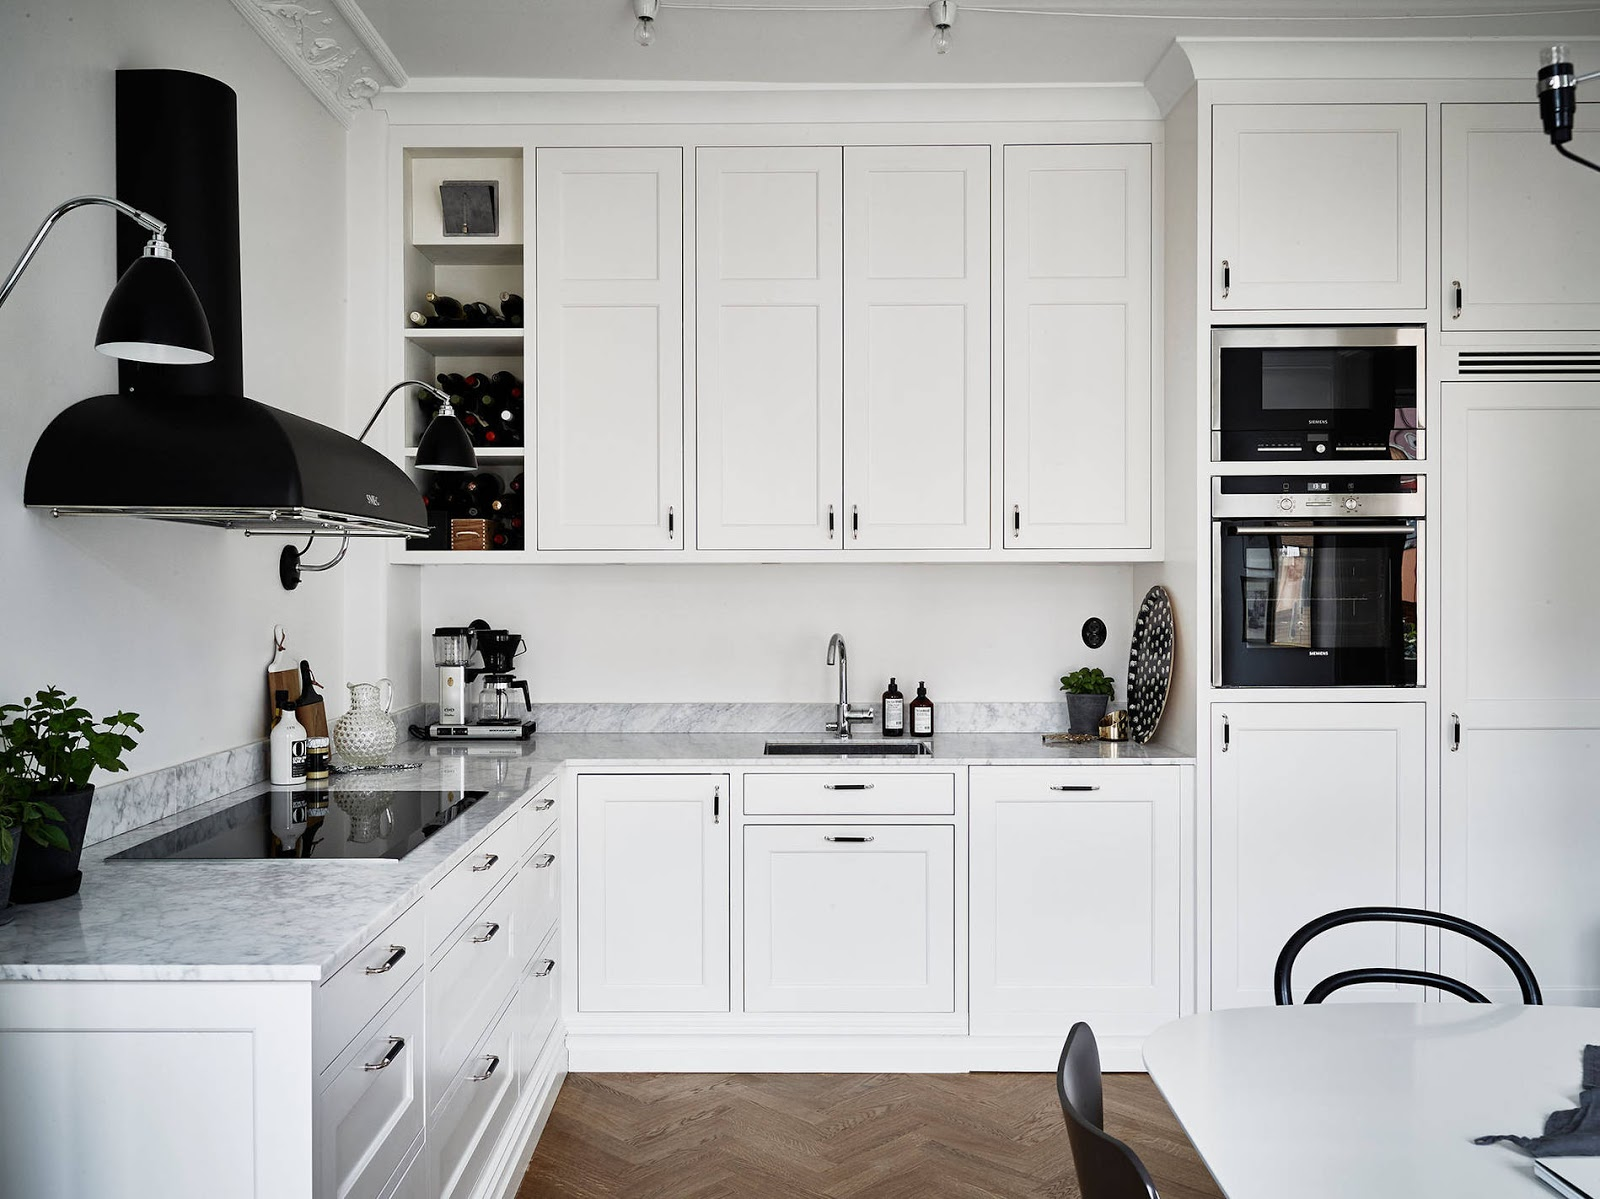 Stunning Cucina Bianca E Nera Colore Pareti Images - Ideas & Design ...